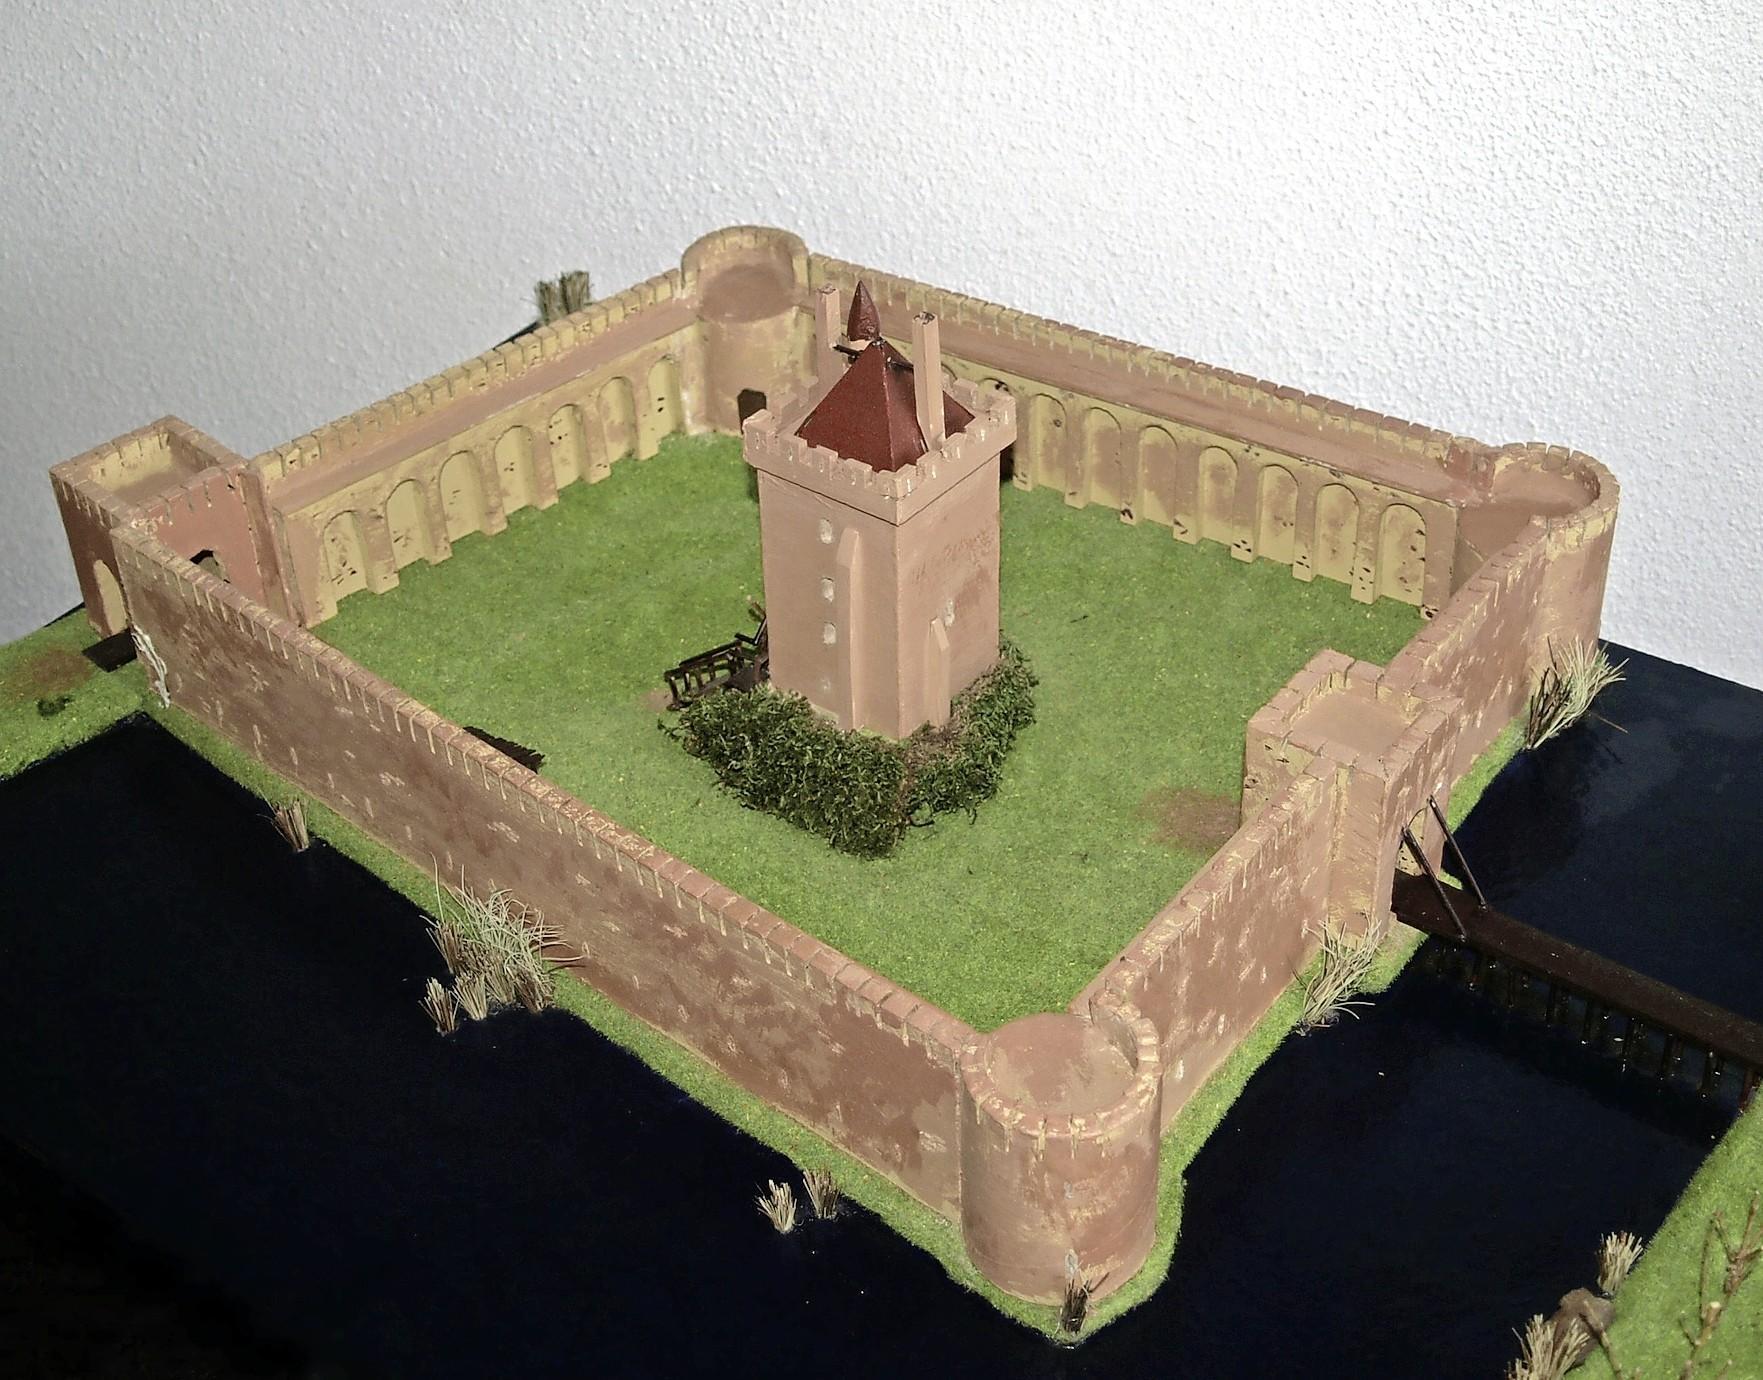 Verzorgd van de wieg tot het graf. Eten in een middeleeuws kasteel als Oud Haerlem bij Heemskerk was gezonder dan nu